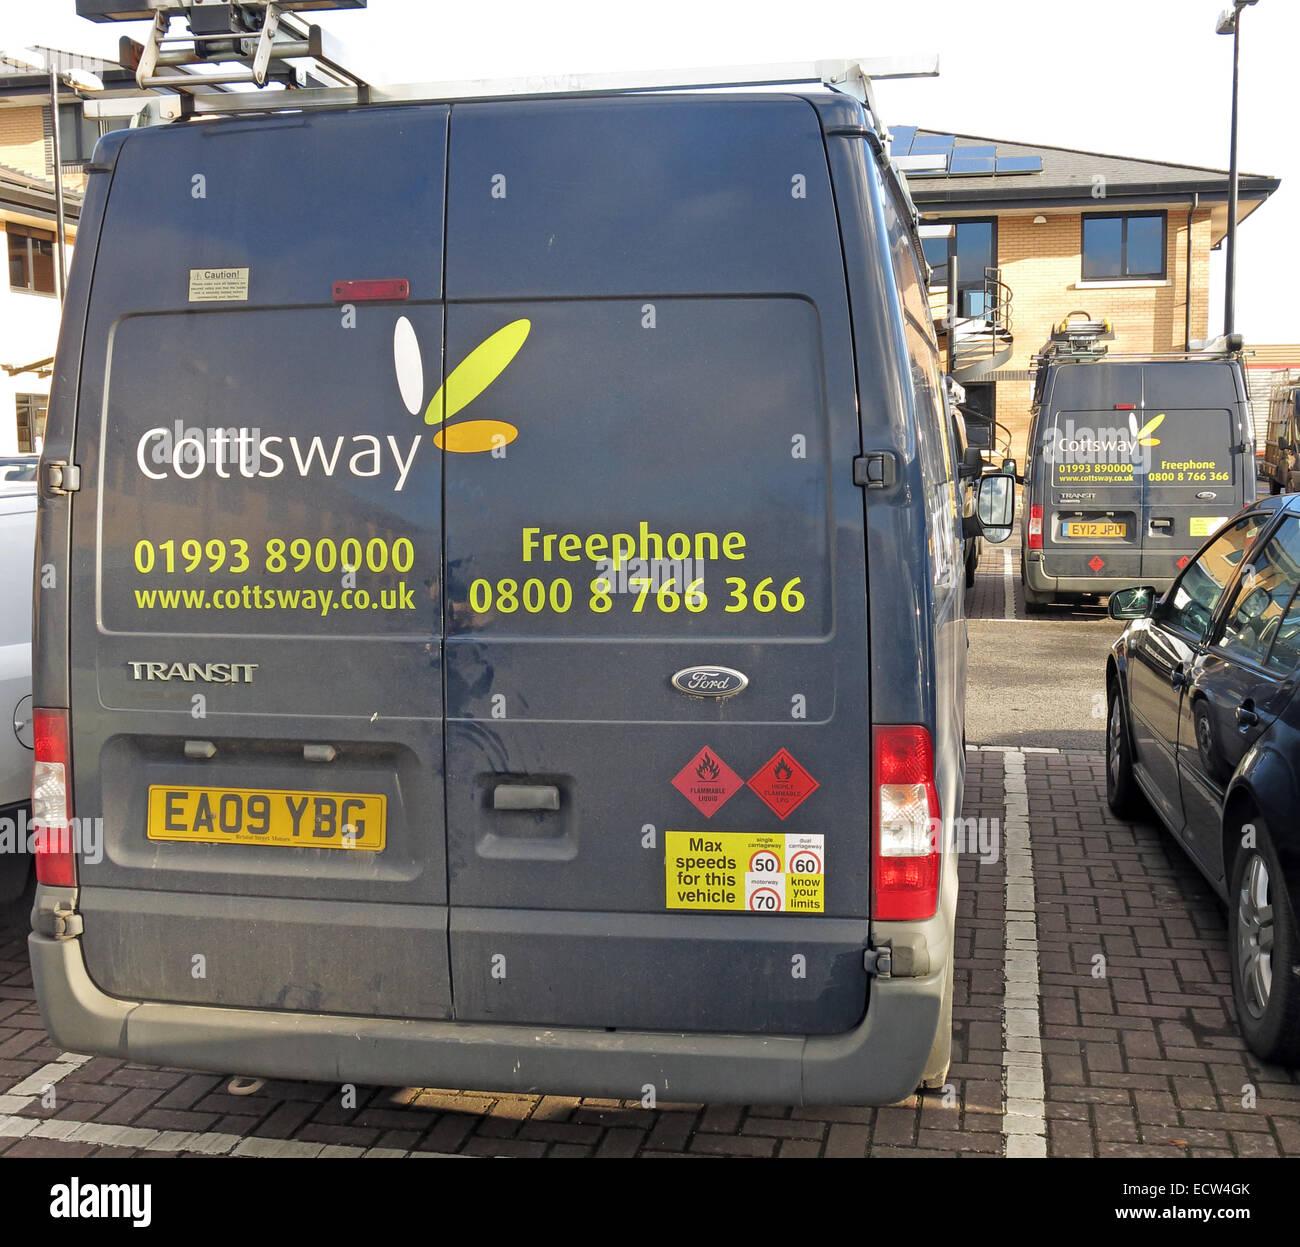 Laden Sie dieses Alamy Stockfoto Cottsway Wohnungsbaugesellschaft Van, Witney, West Oxfordshire, England, Vereinigtes Königreich - ECW4GK